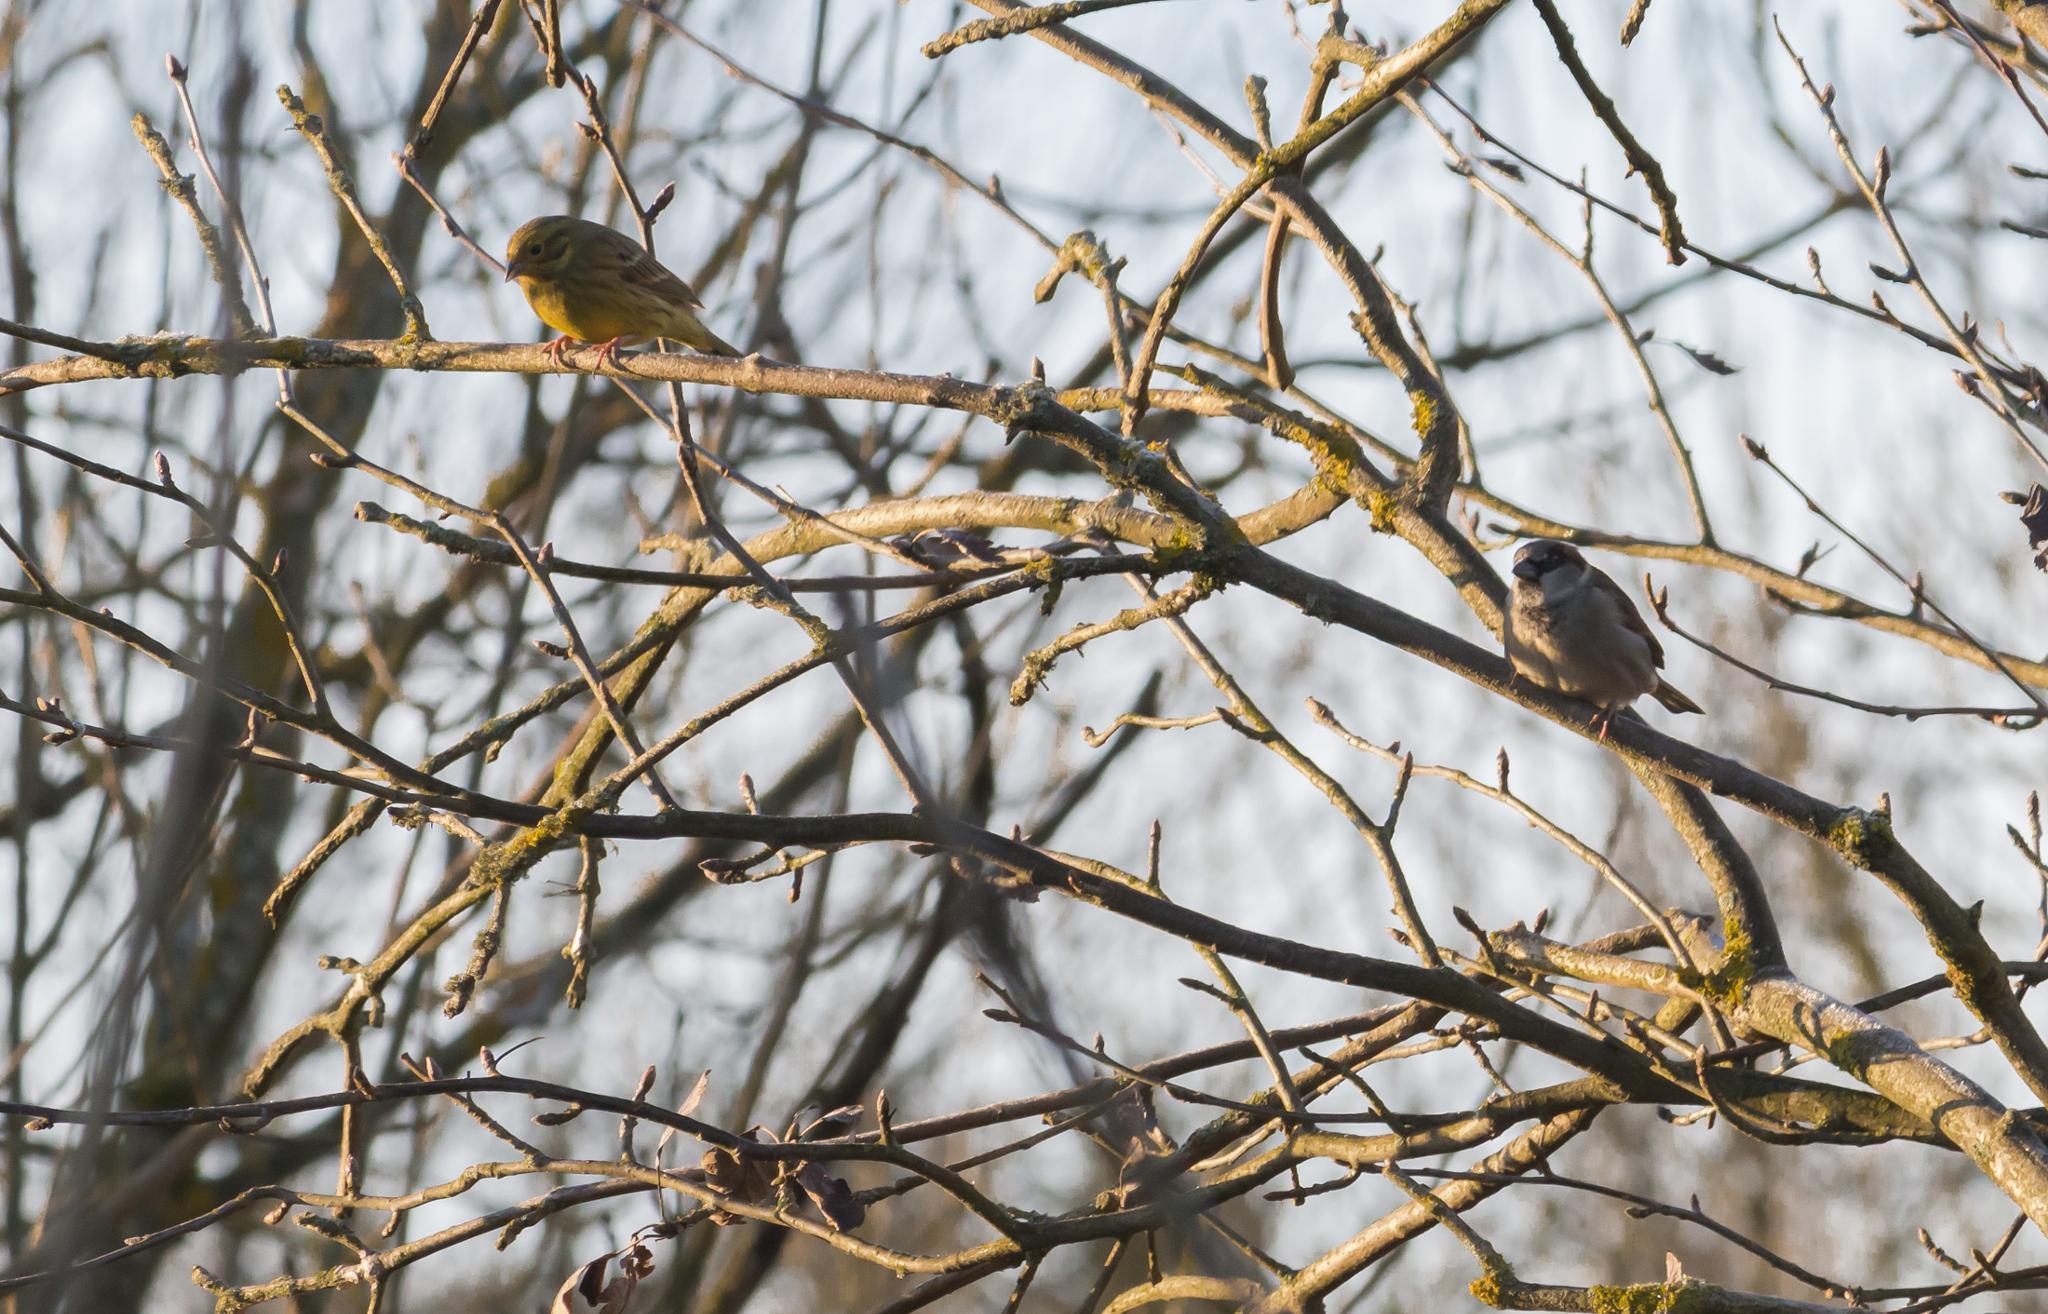 Tiny birds by Vanerpaddel